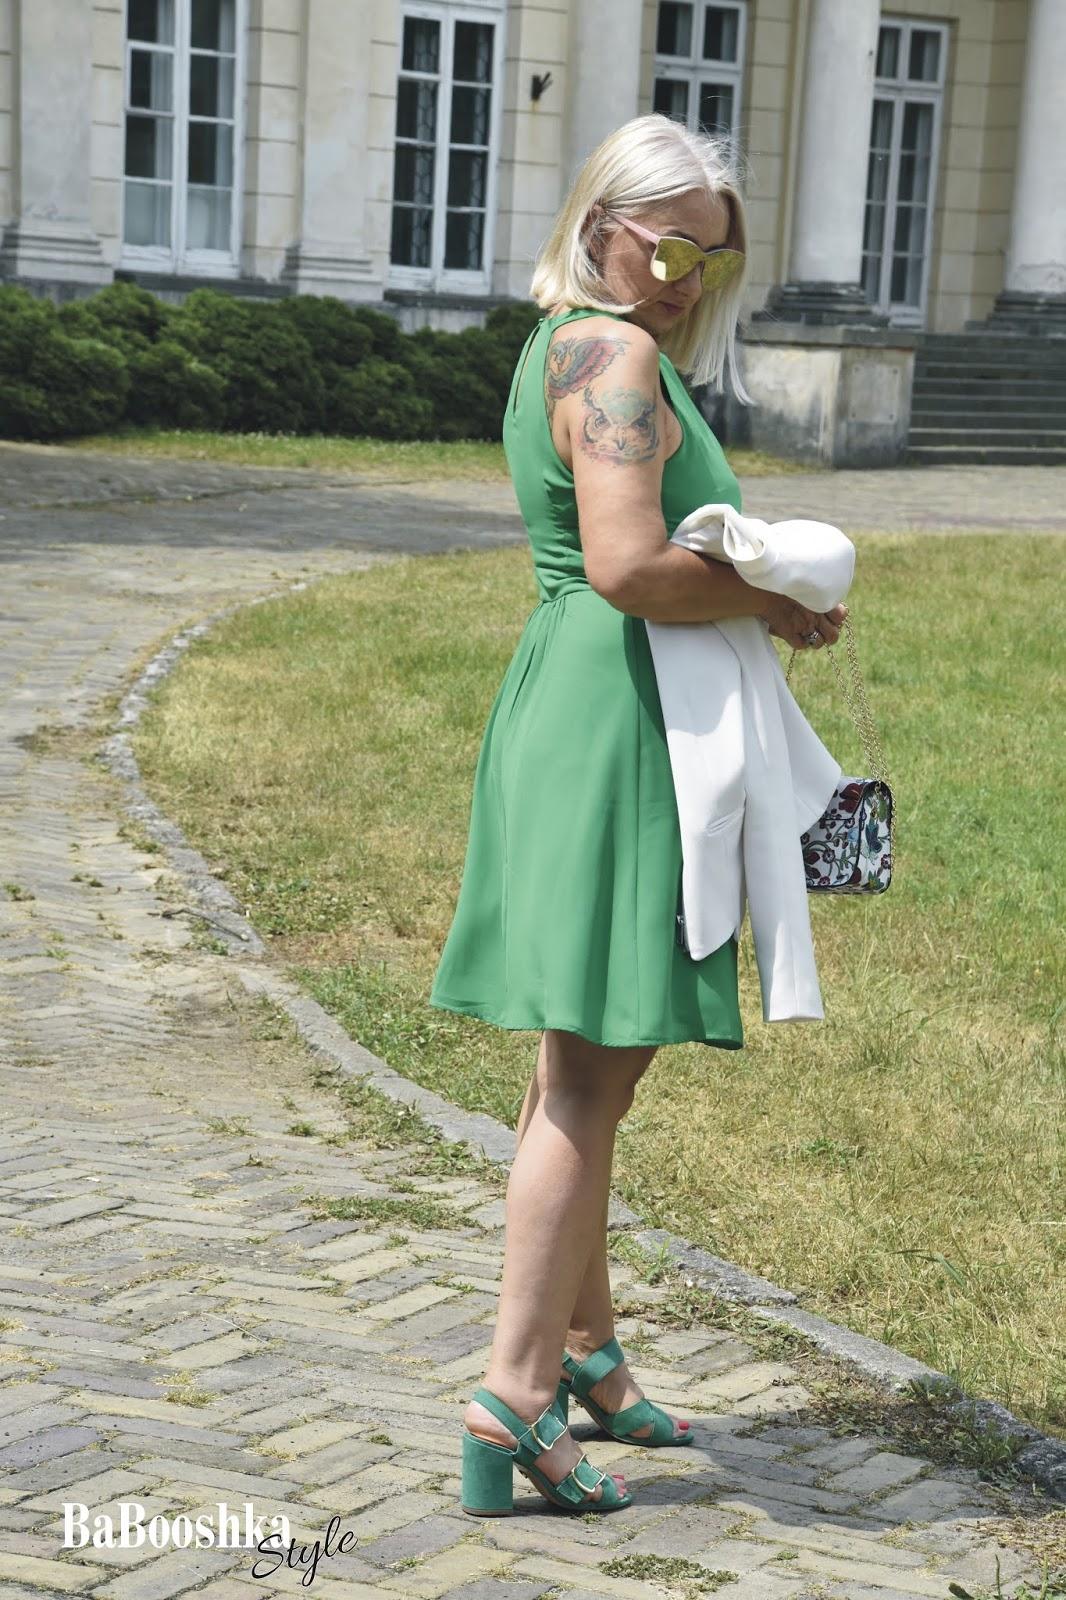 stylizacja na letnie wesele, Orsay, Babooshkastyle, stylistka, kodmody-stylistka, over45plus, over50plus, #fashionblogger50, Zara, River Island,